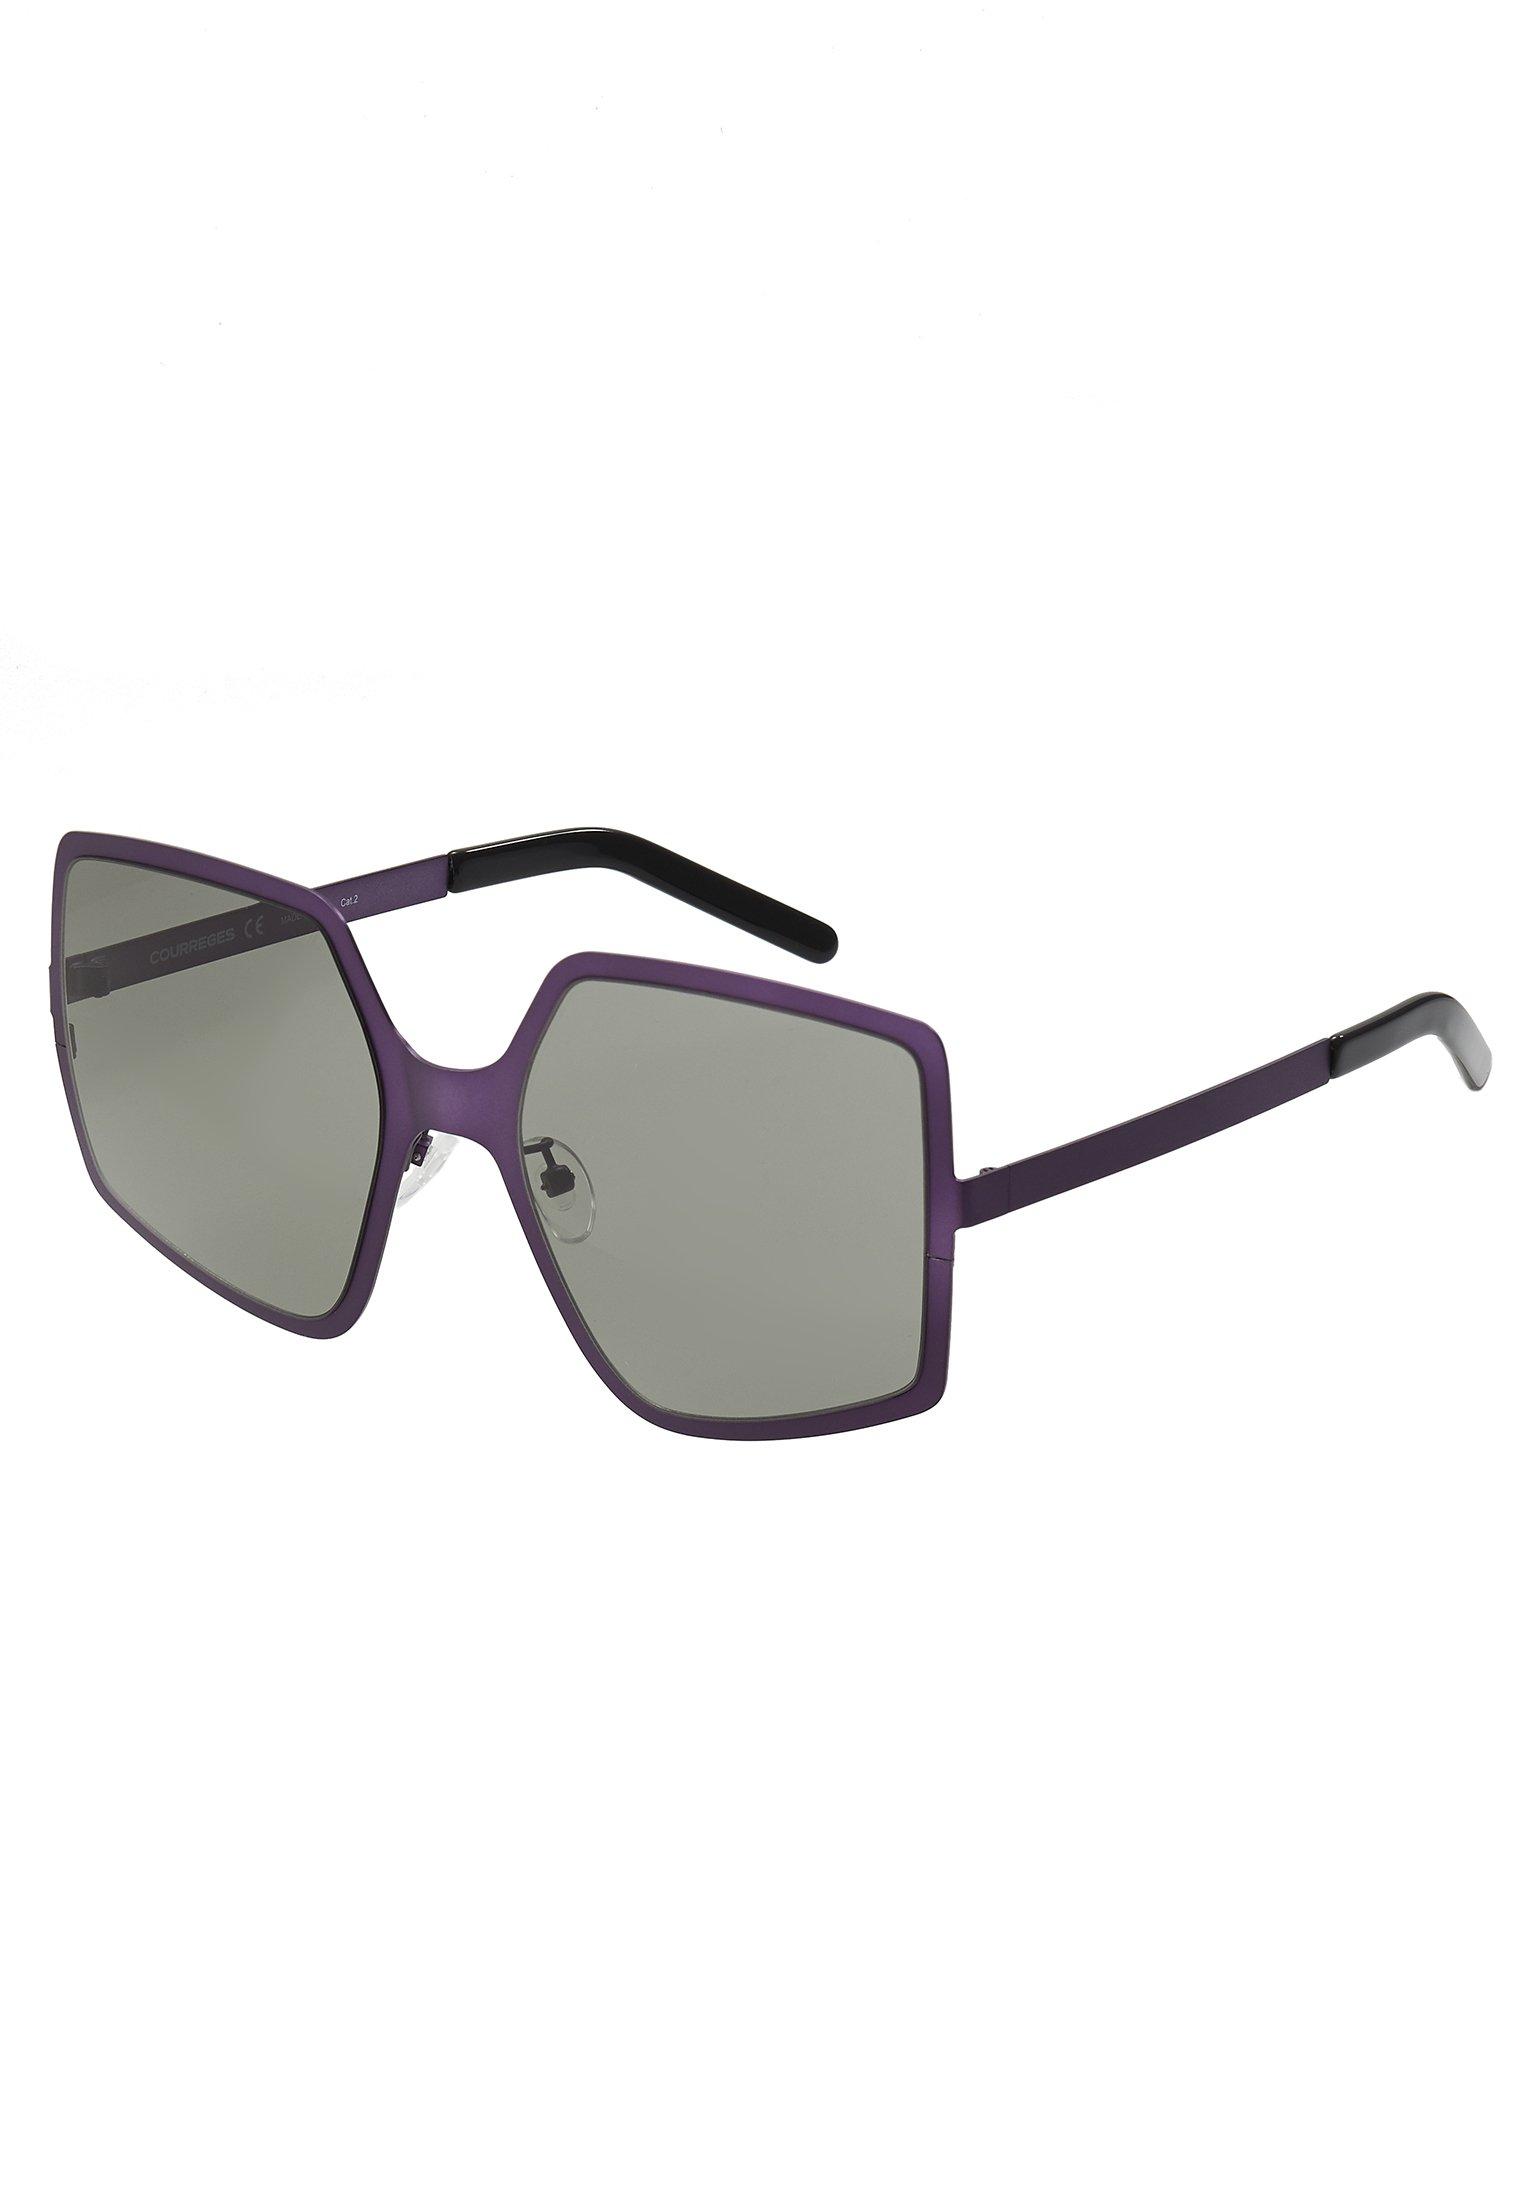 Courreges Lunettes de soleil - violet/grey